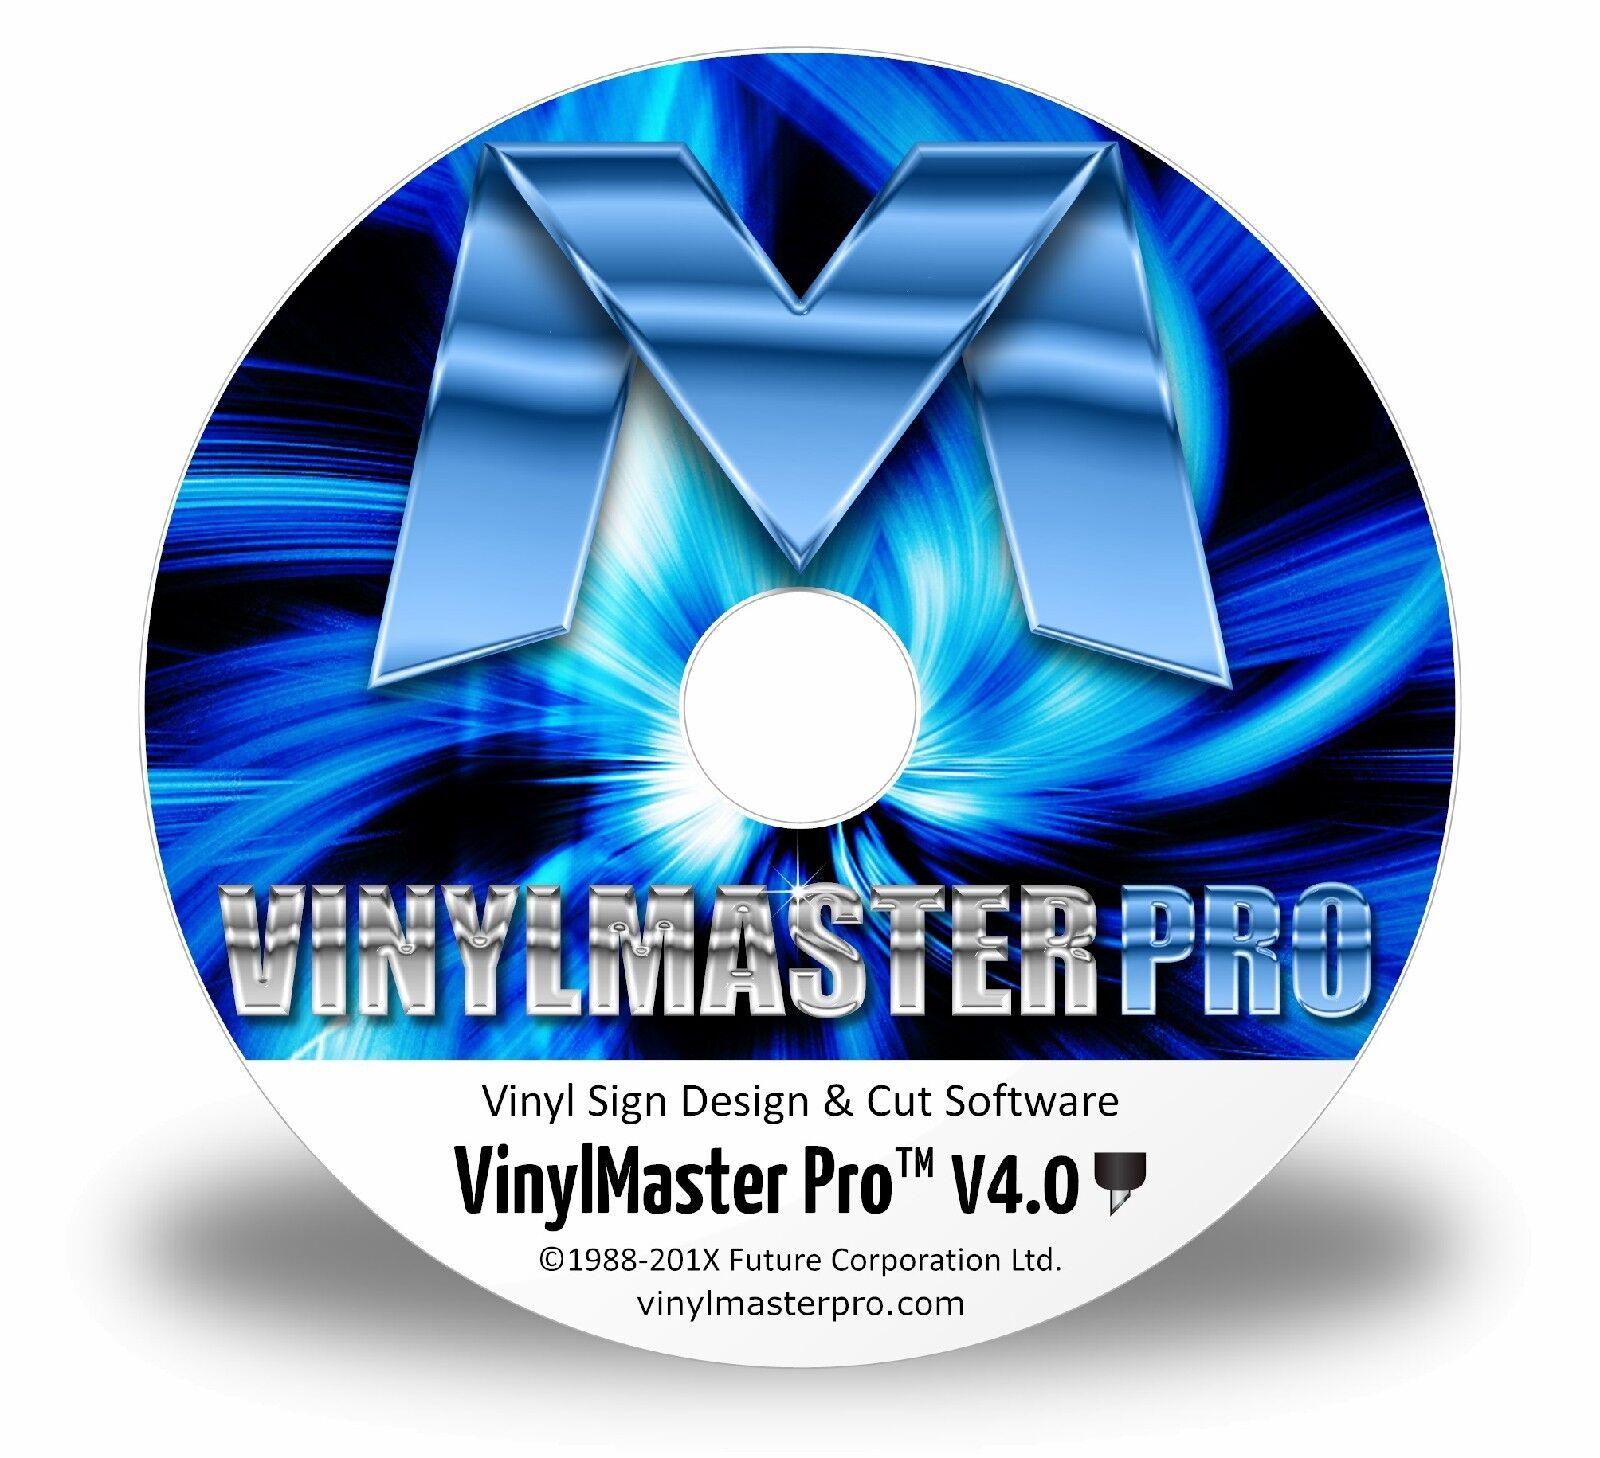 Vinyl cutter plotter software for mac